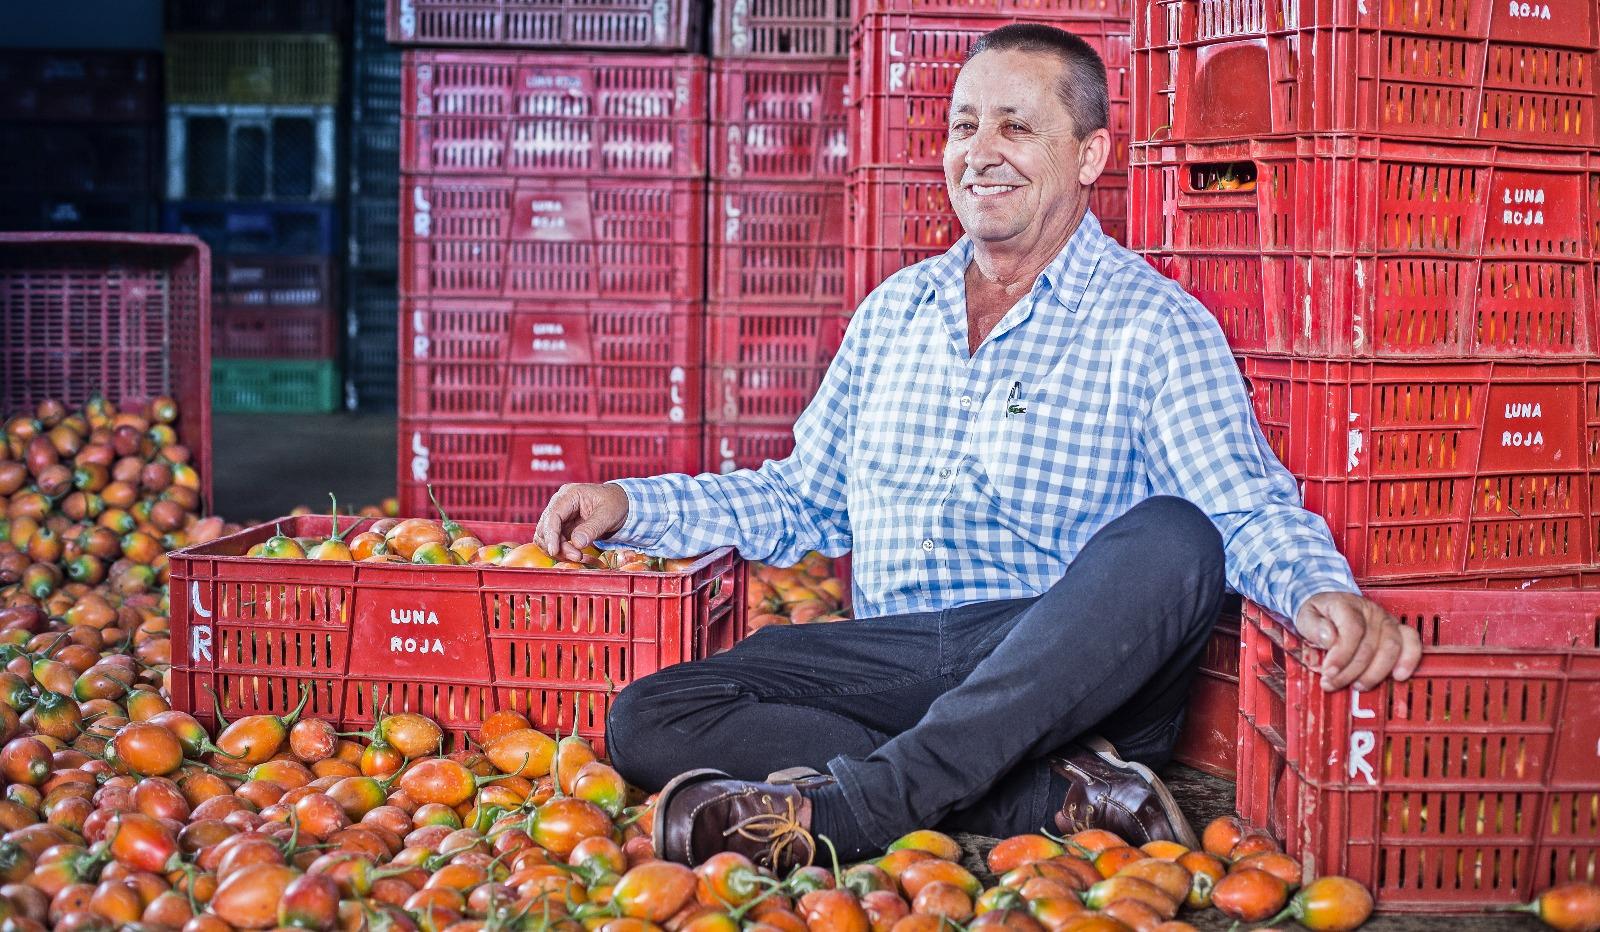 la-historia-de-antonio-lopera-el-mayor-productor-de-tomate-de-arbol-en-colombia